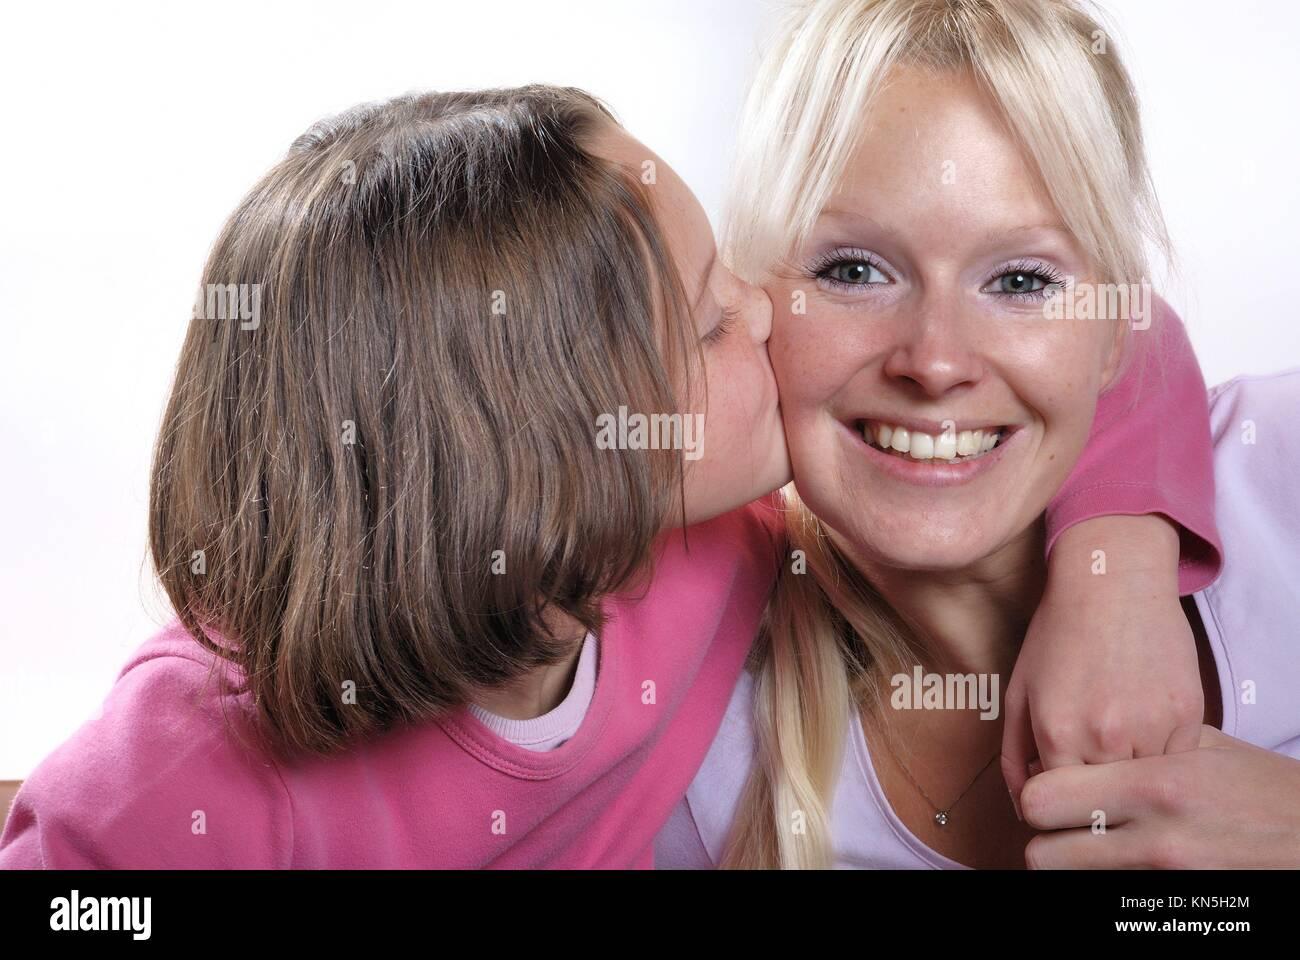 La complicidad entre madre e hija. Foto de stock